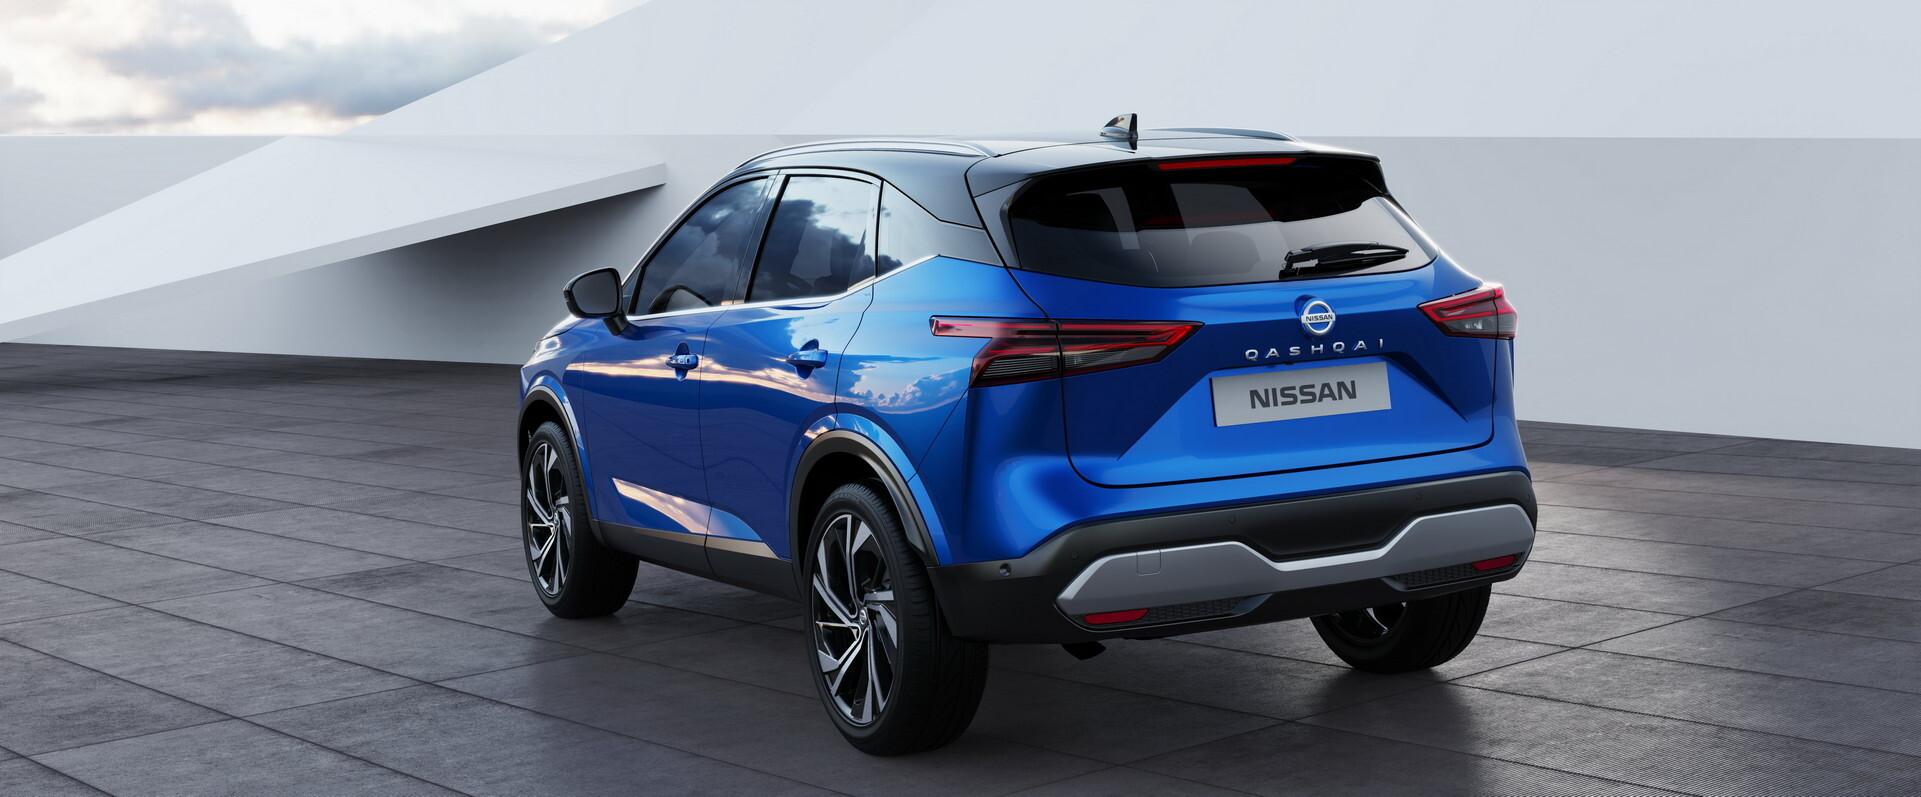 Foto de Nissan Qashqai 2022 (14/48)